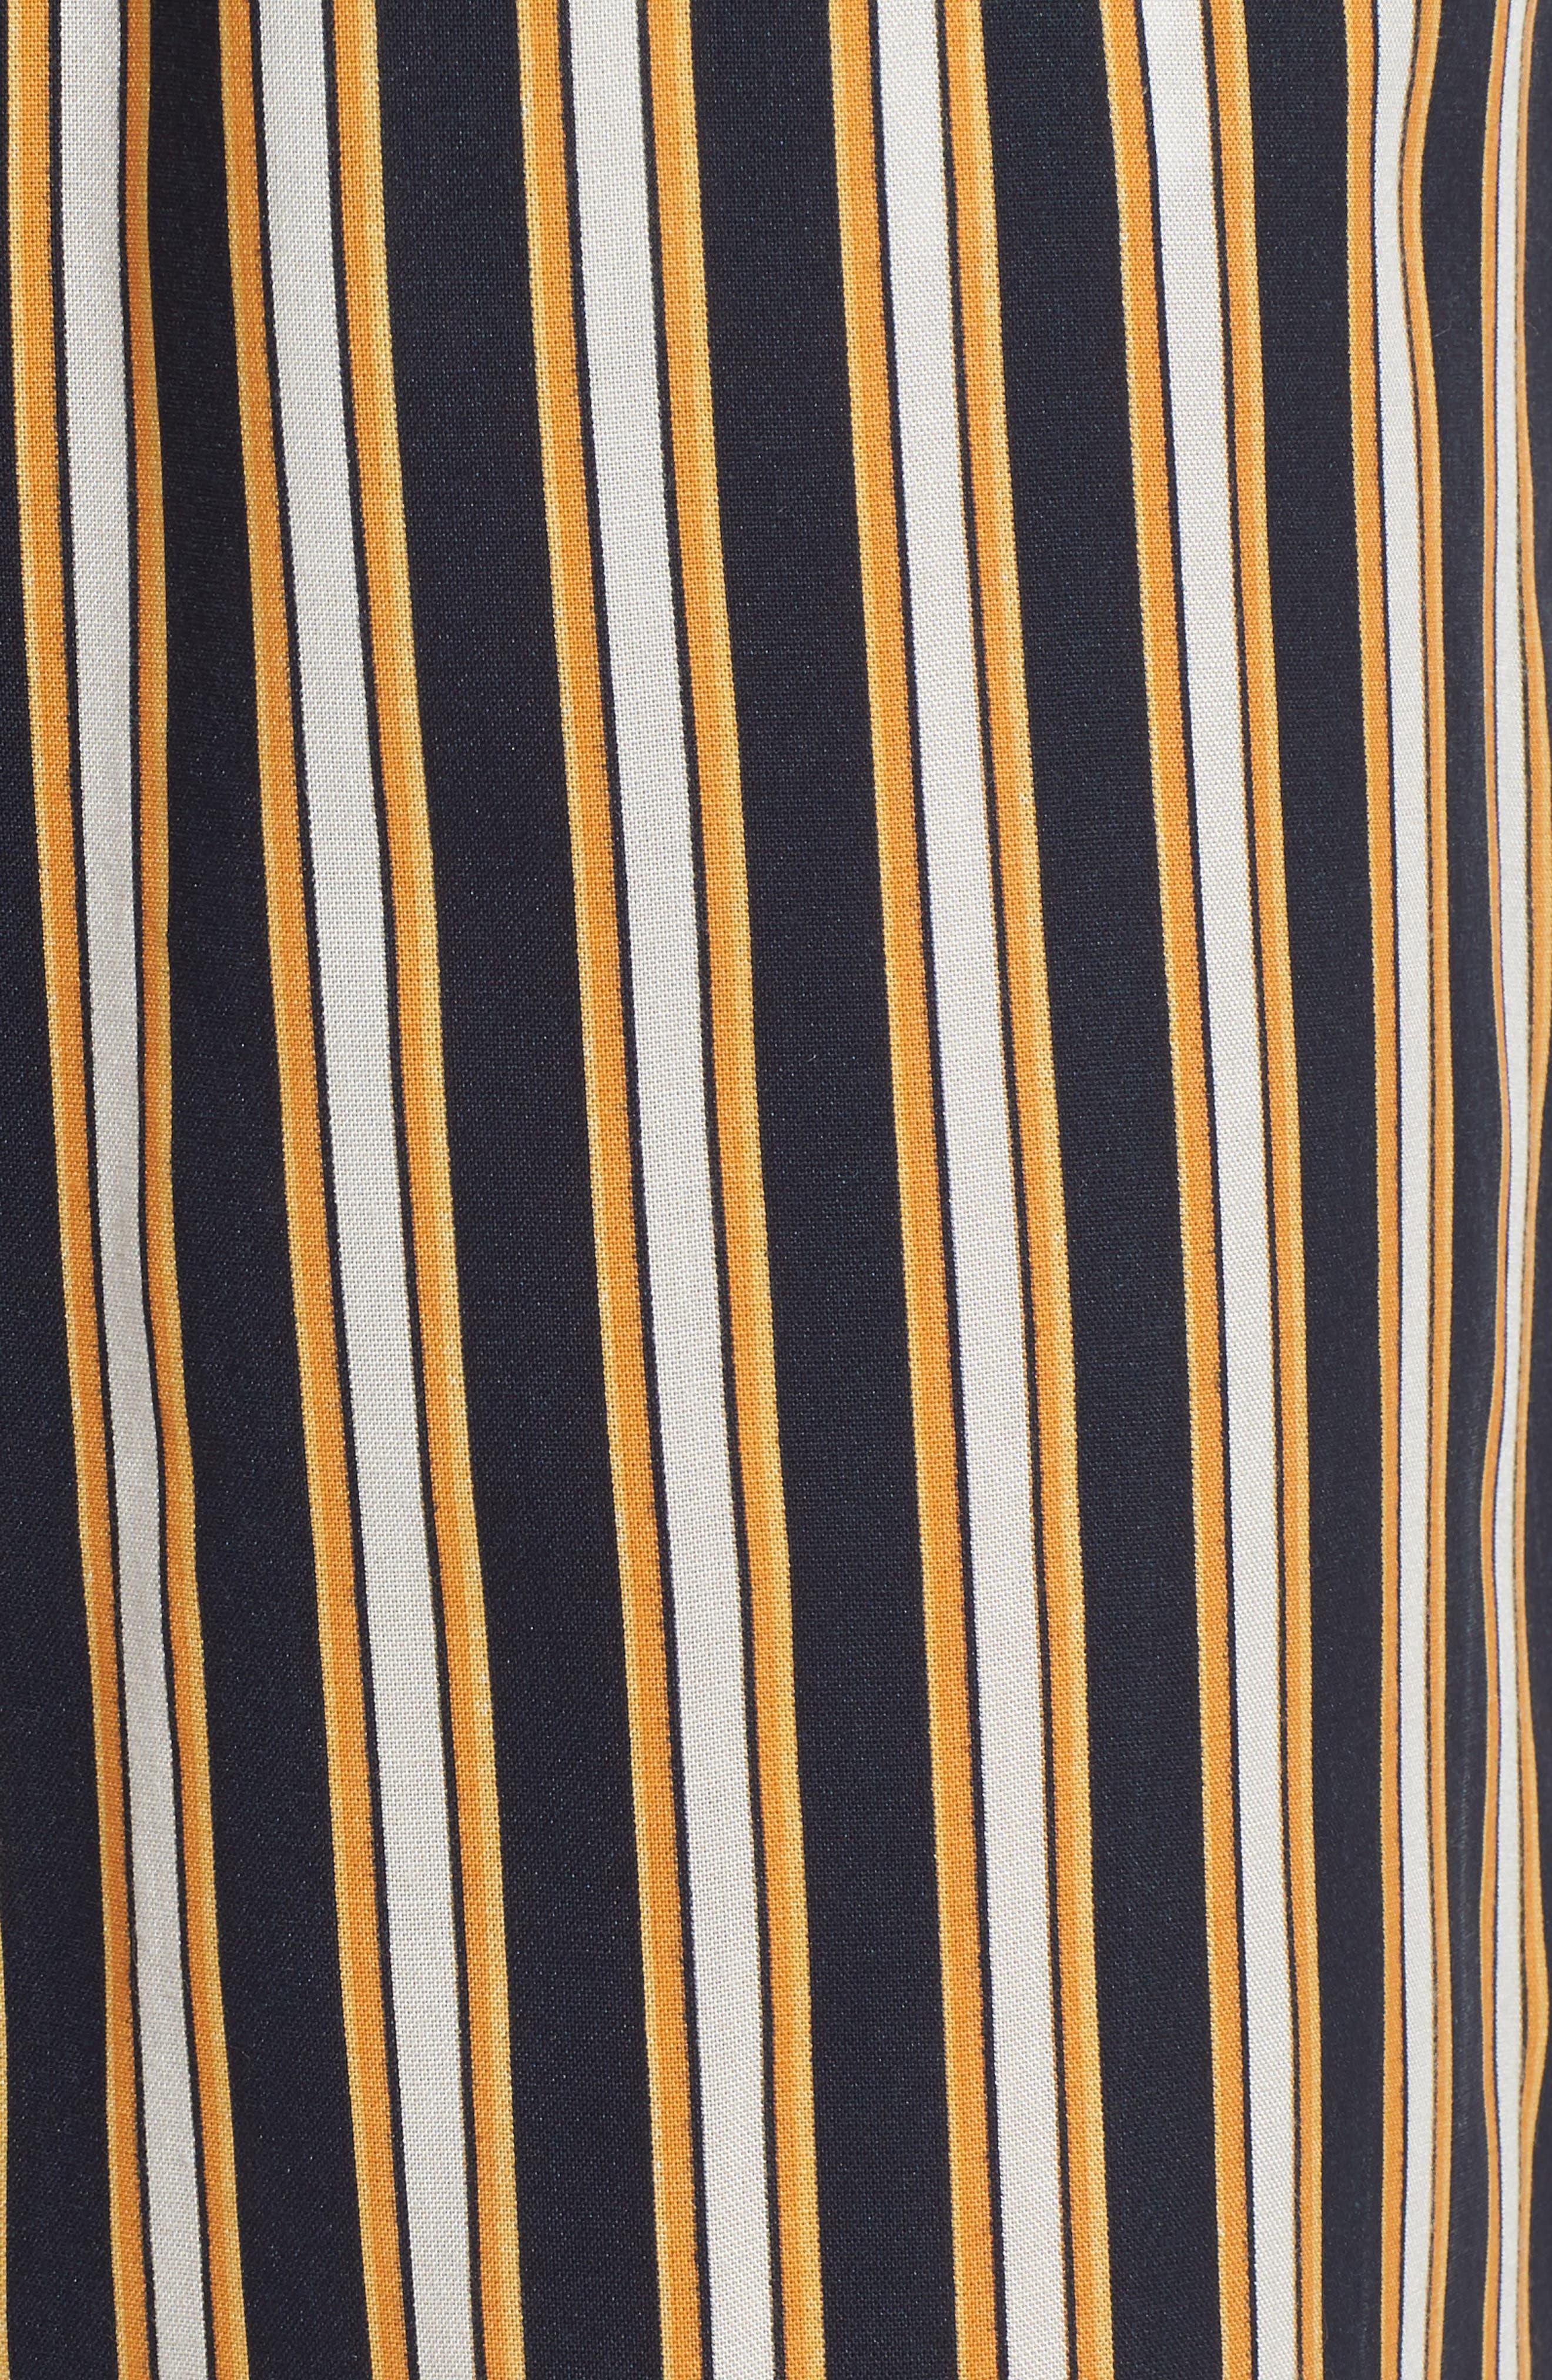 Stoney Stripe Pants,                             Alternate thumbnail 6, color,